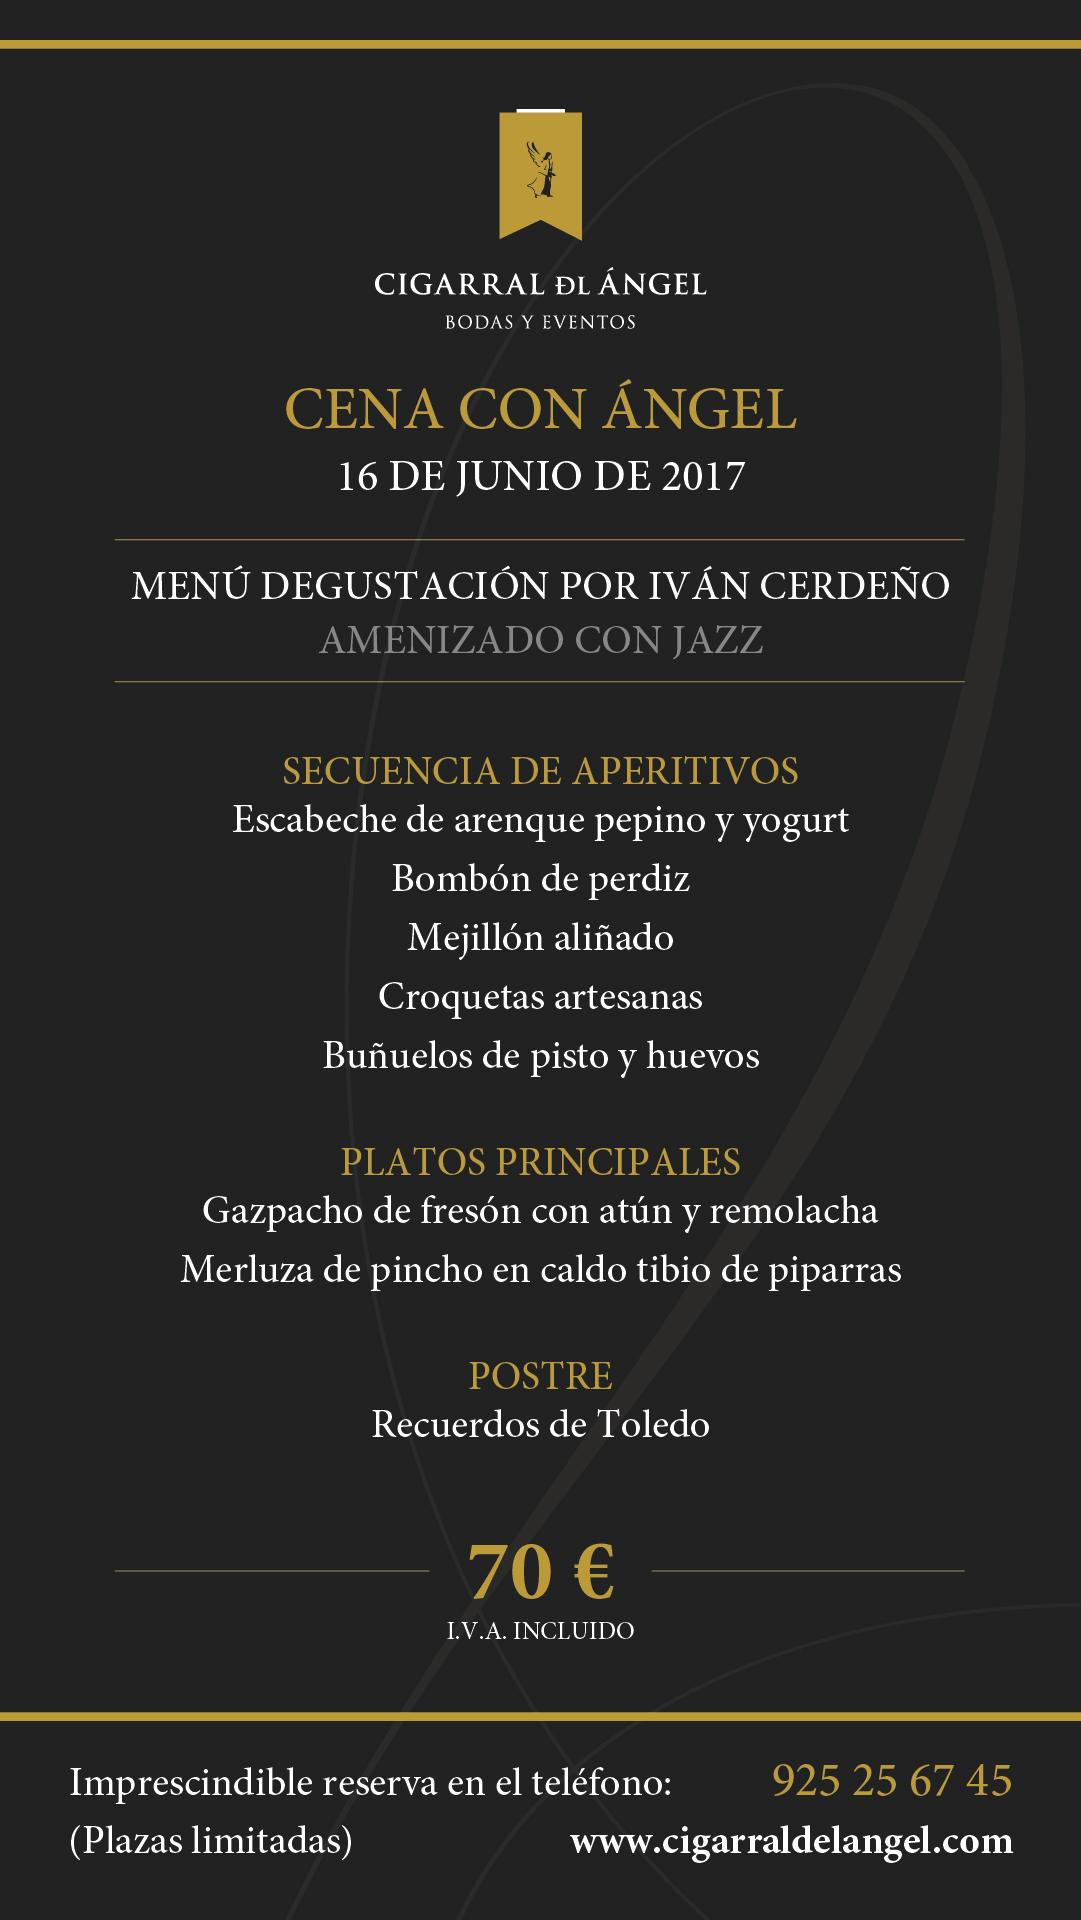 Cenas con Ángel 16_17